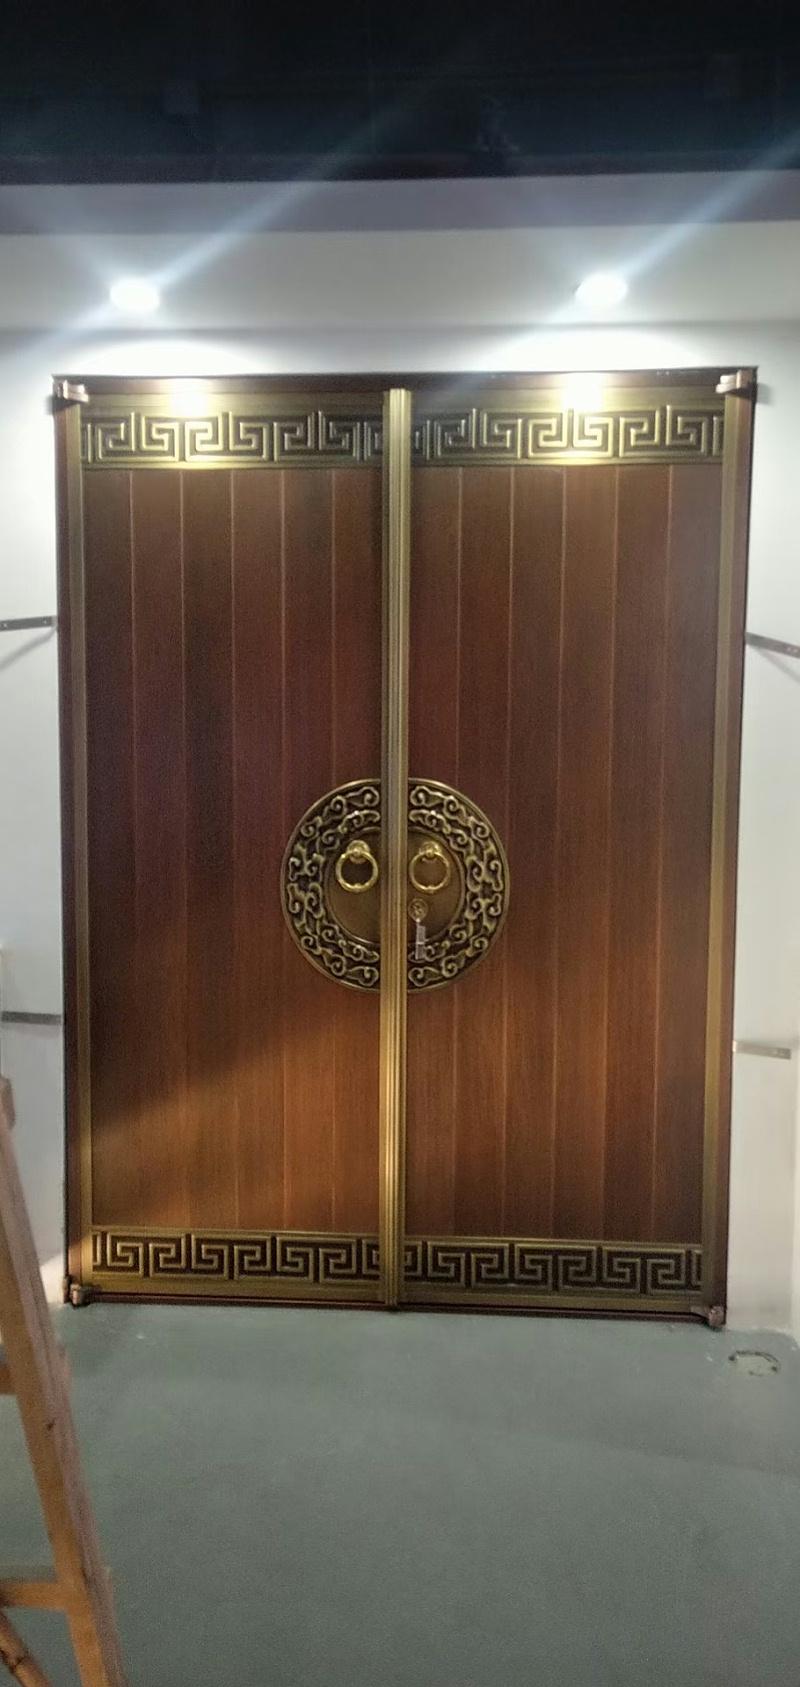 新中式铜门 (3)